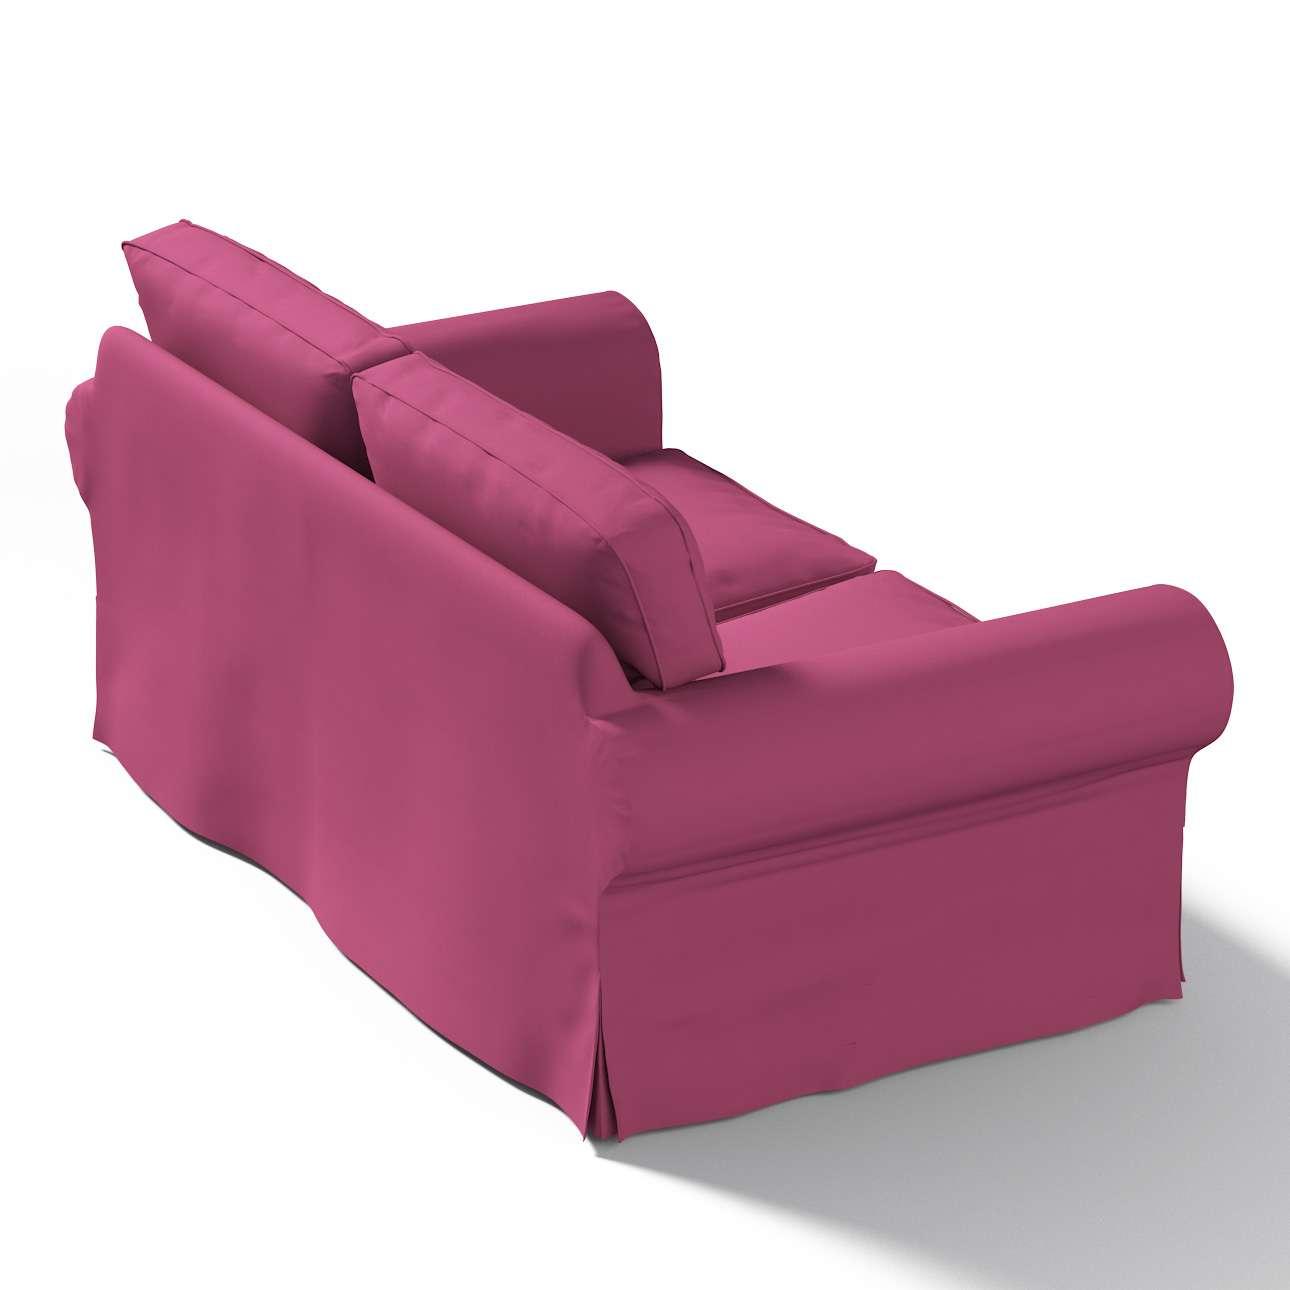 Pokrowiec na sofę Ektorp 2-osobową, nierozkładaną Sofa Ektorp 2-osobowa w kolekcji Cotton Panama, tkanina: 702-32